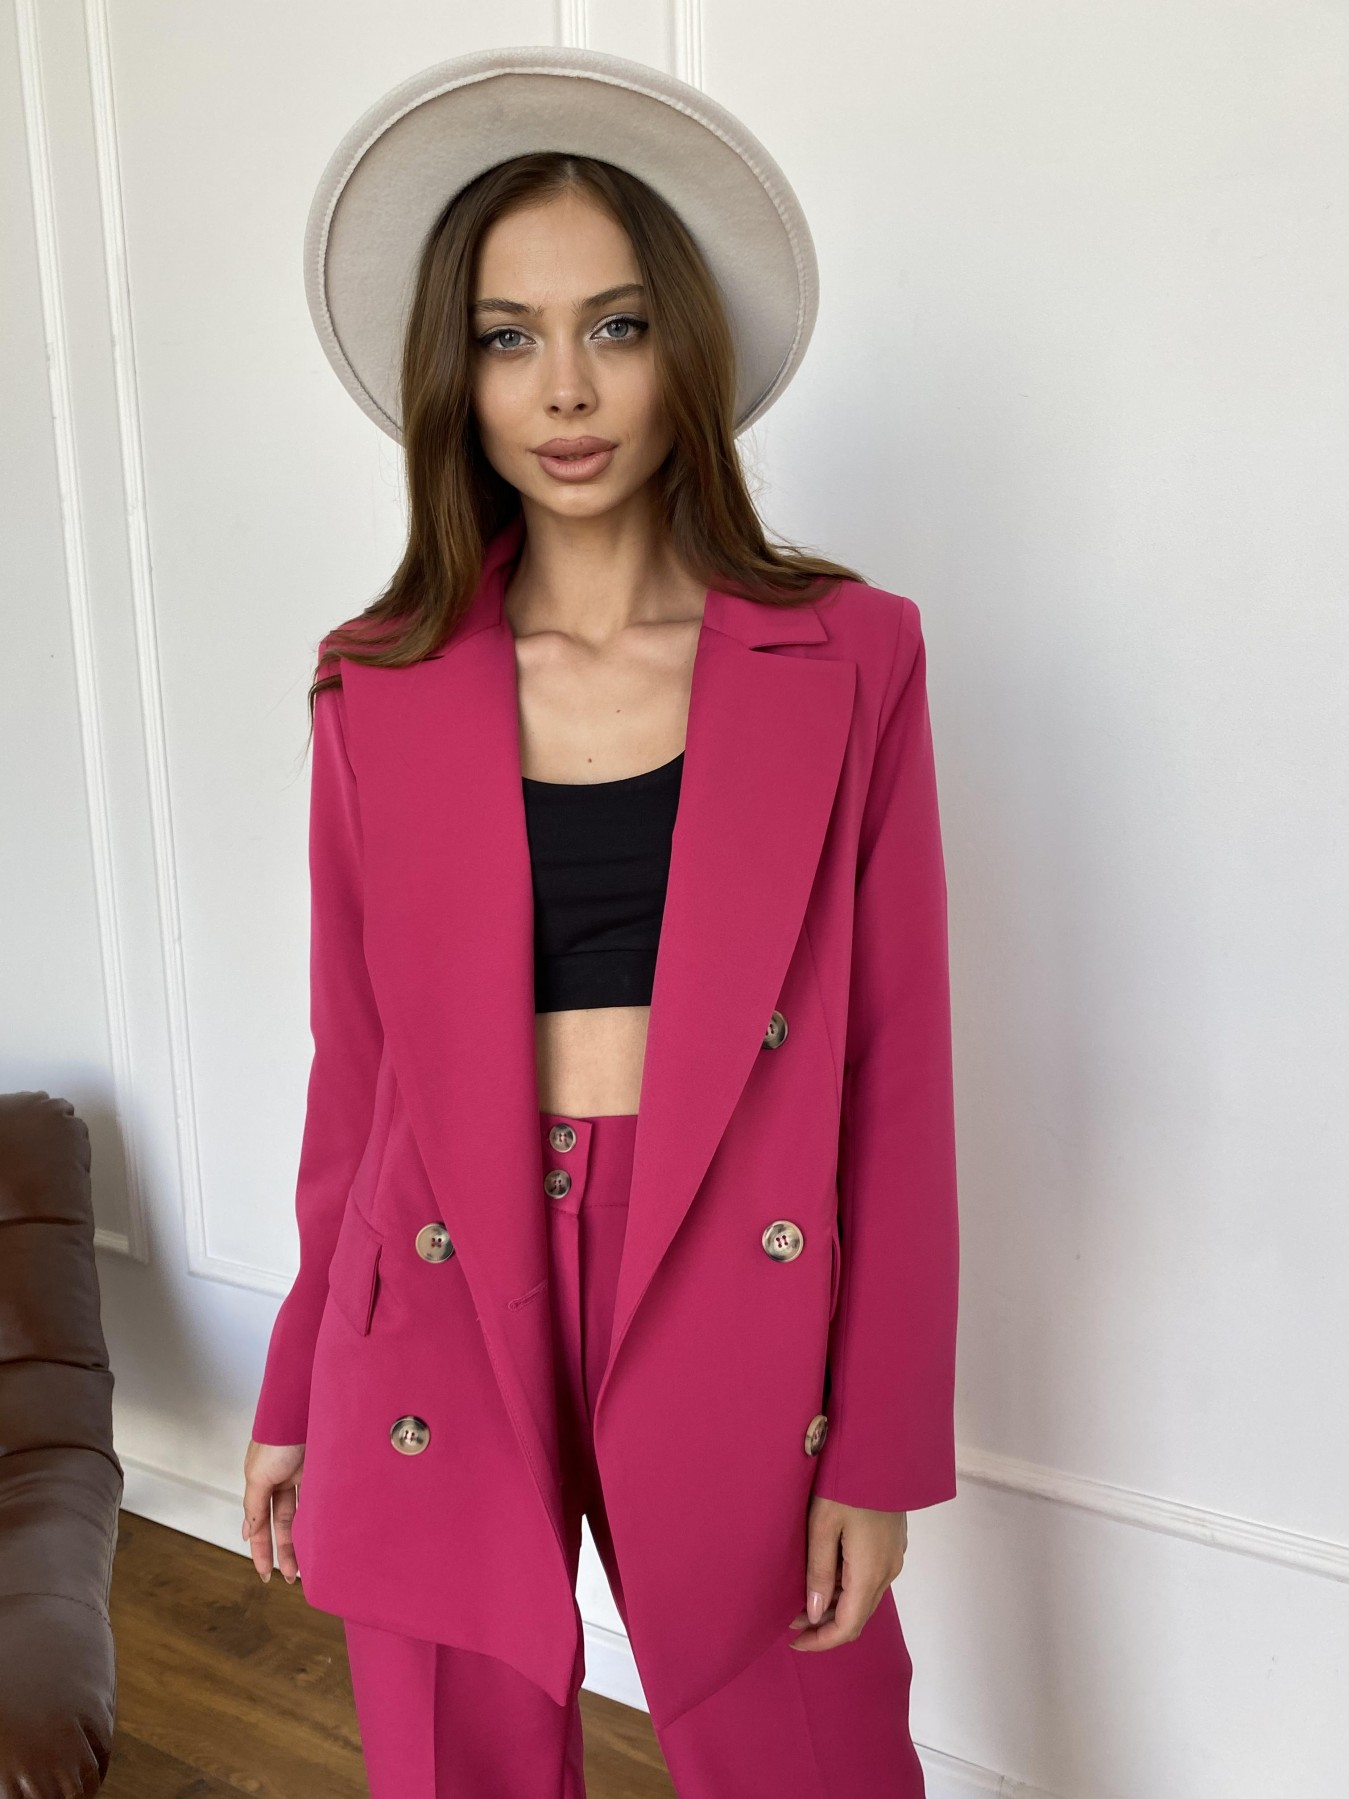 Белисимо  костюм стрейч из костюмной ткани 11217 АРТ. 47818 Цвет: Малиновый 2 - фото 1, интернет магазин tm-modus.ru